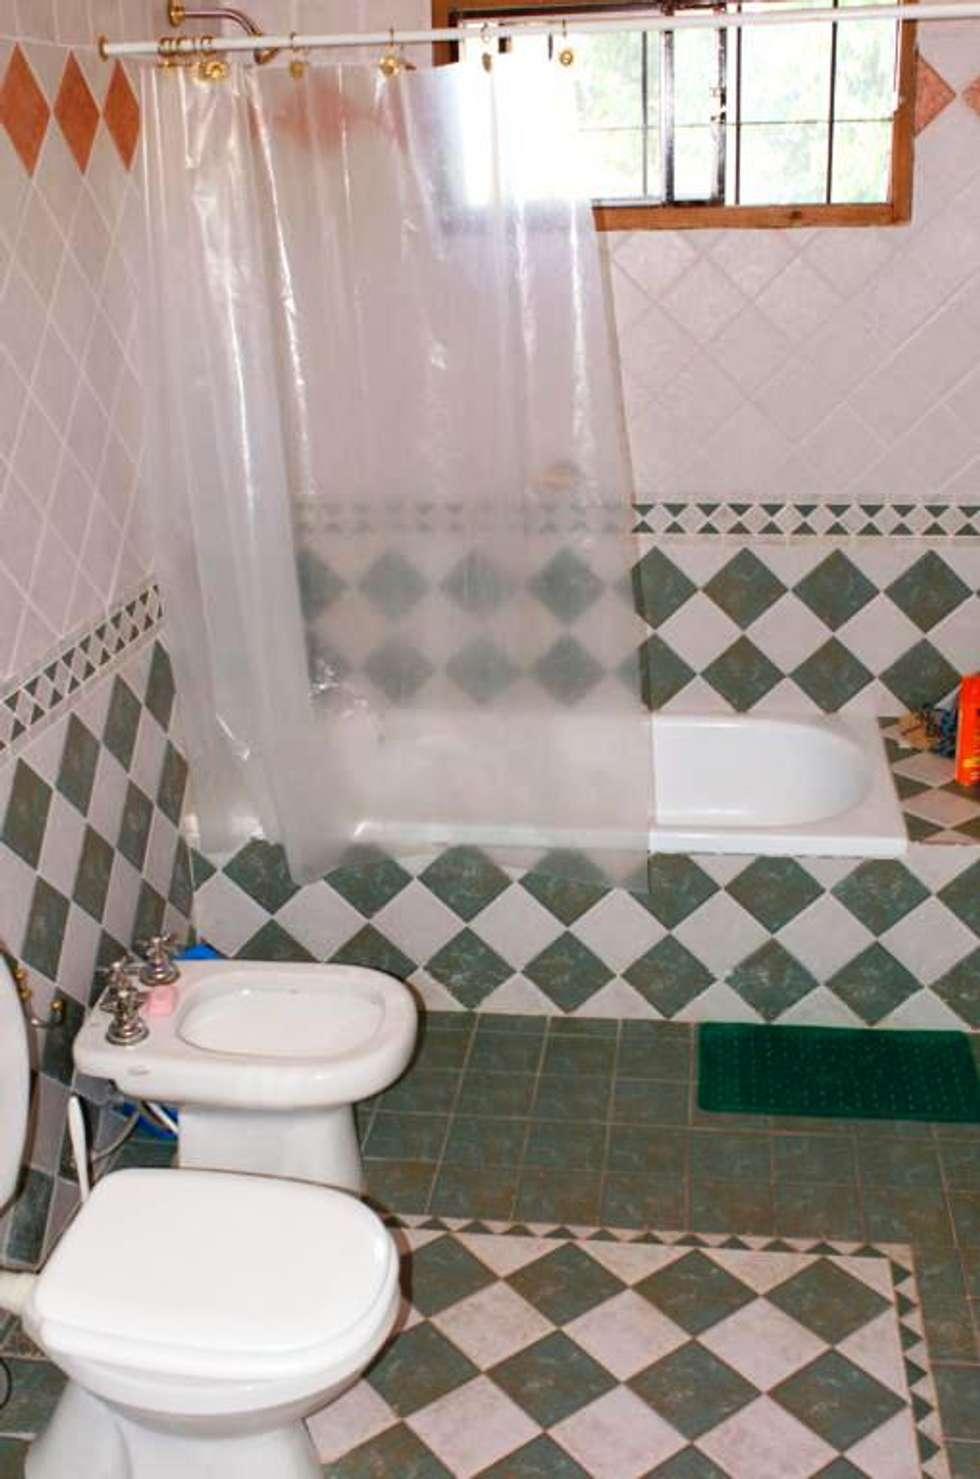 baño: Baños de estilo rústico por Liliana almada Propiedades